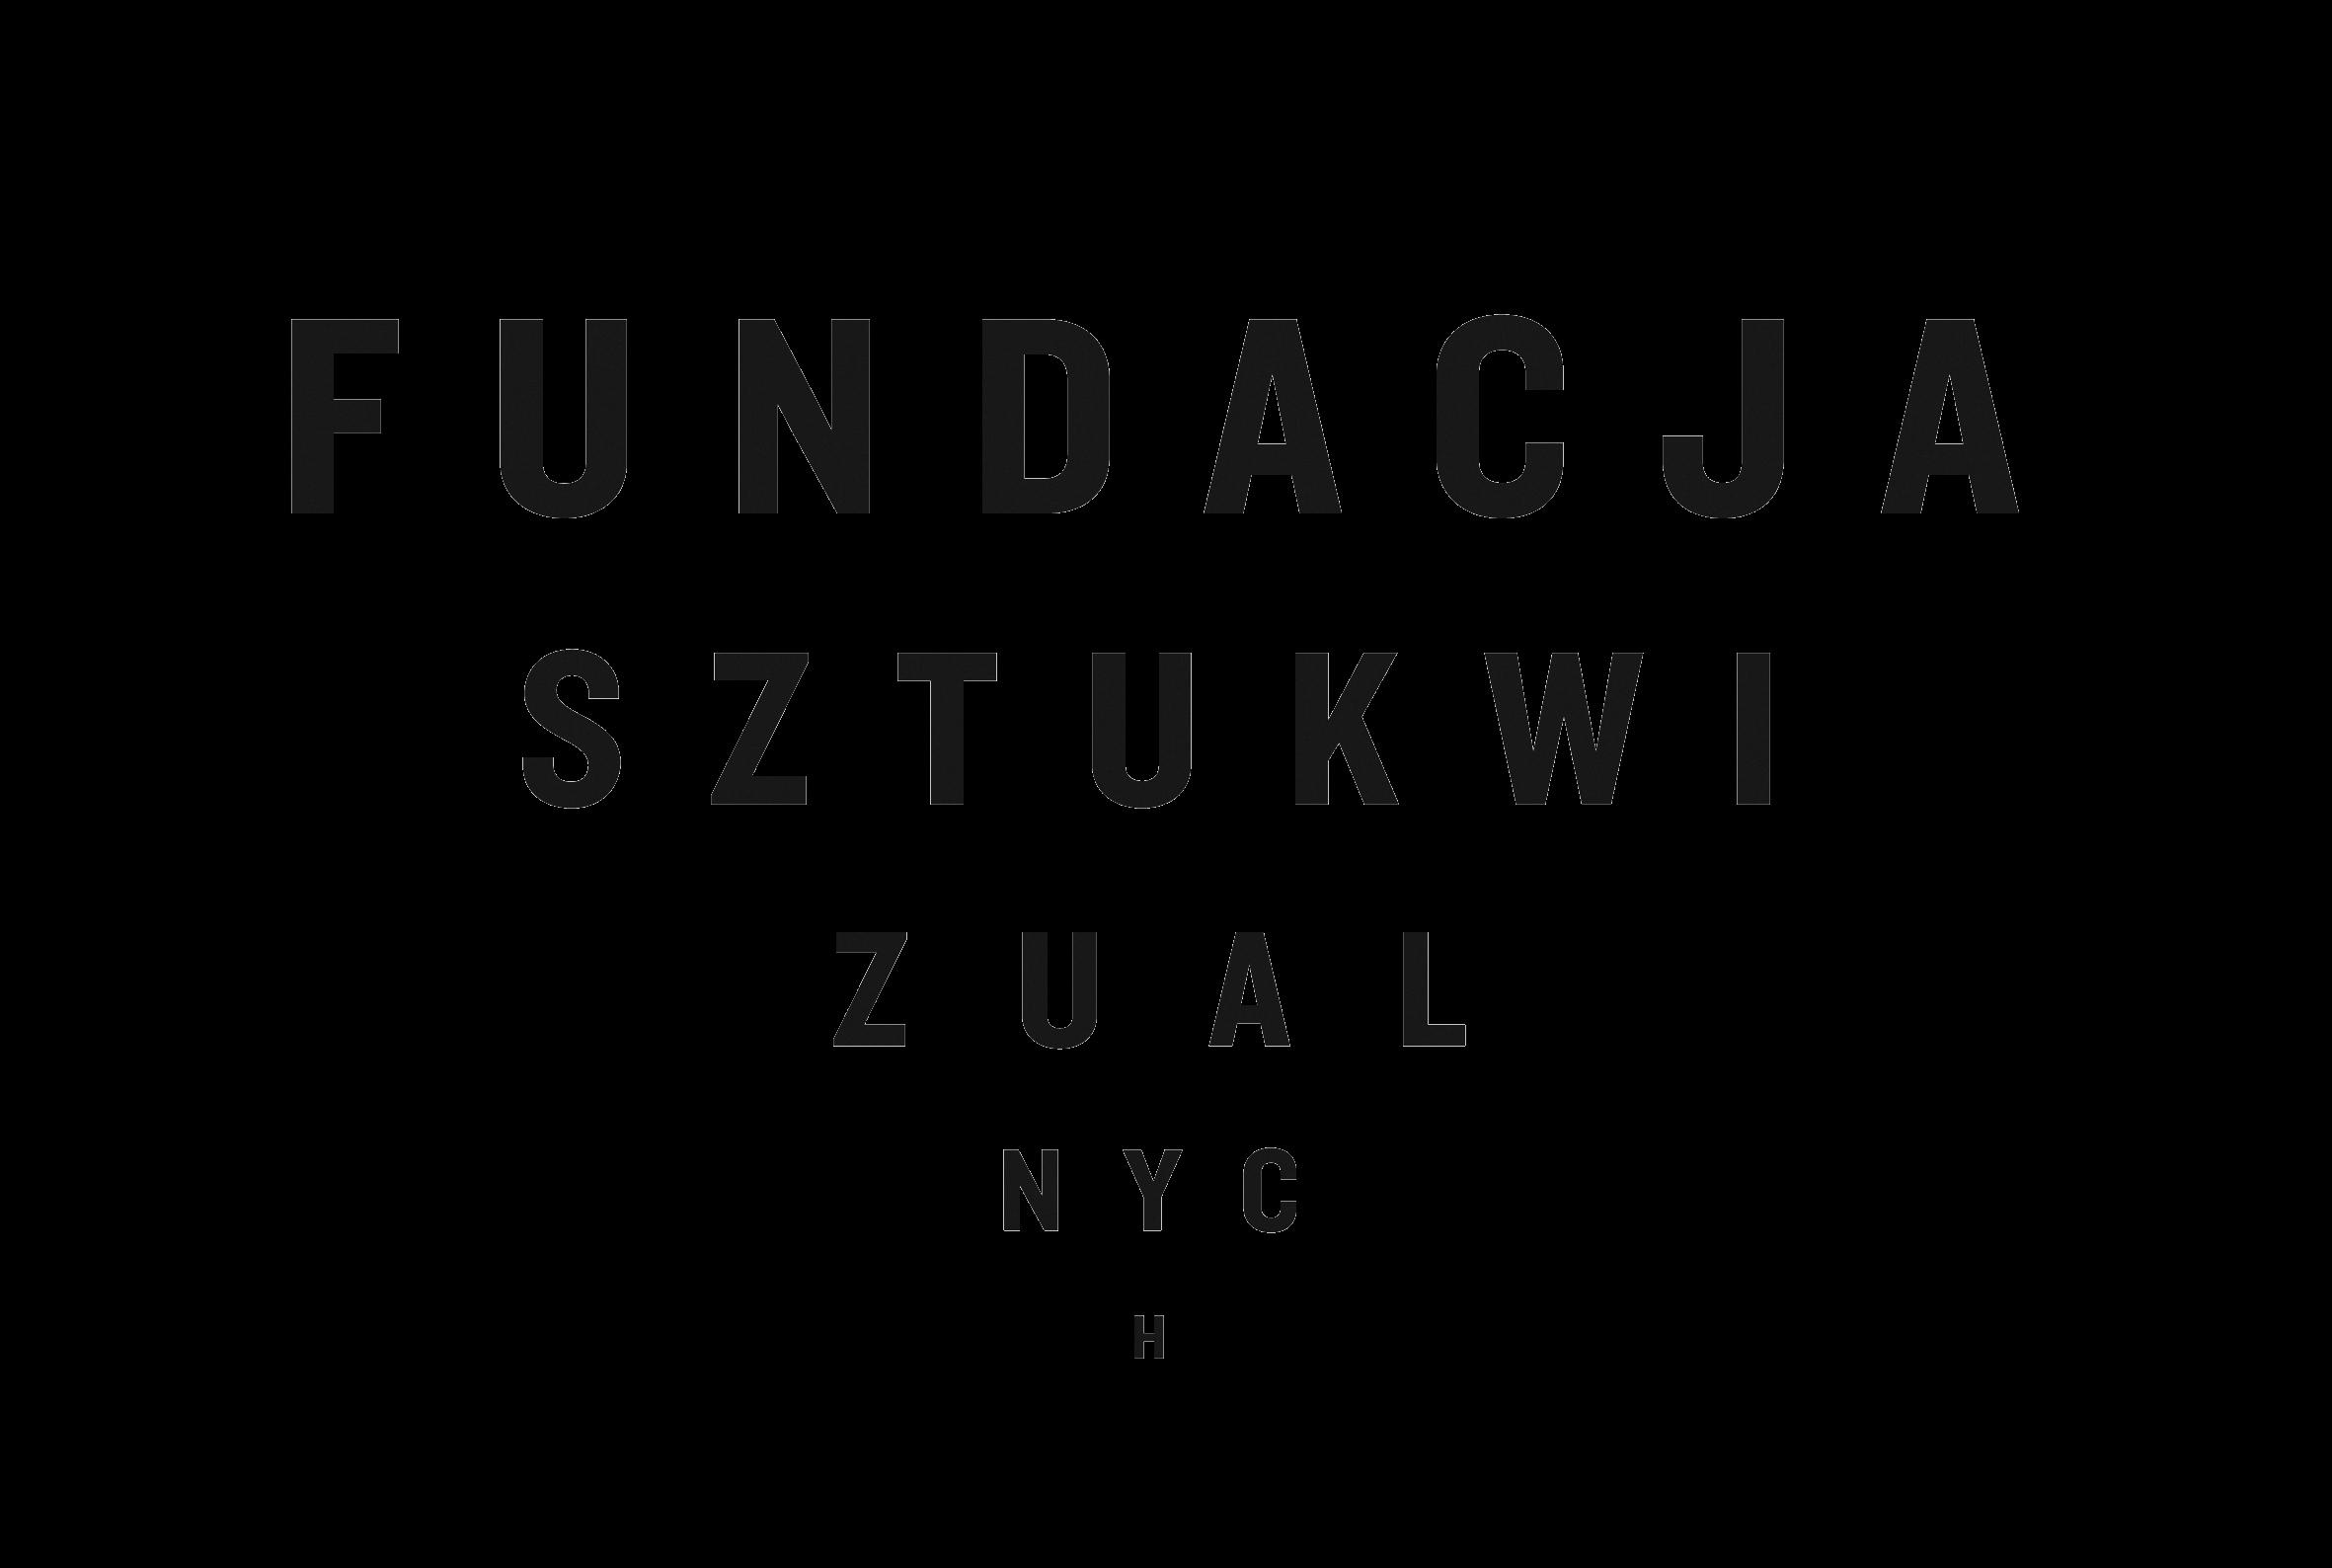 http://www.szarakamienica.pl/public/picture/logo_FSW(1).jpg